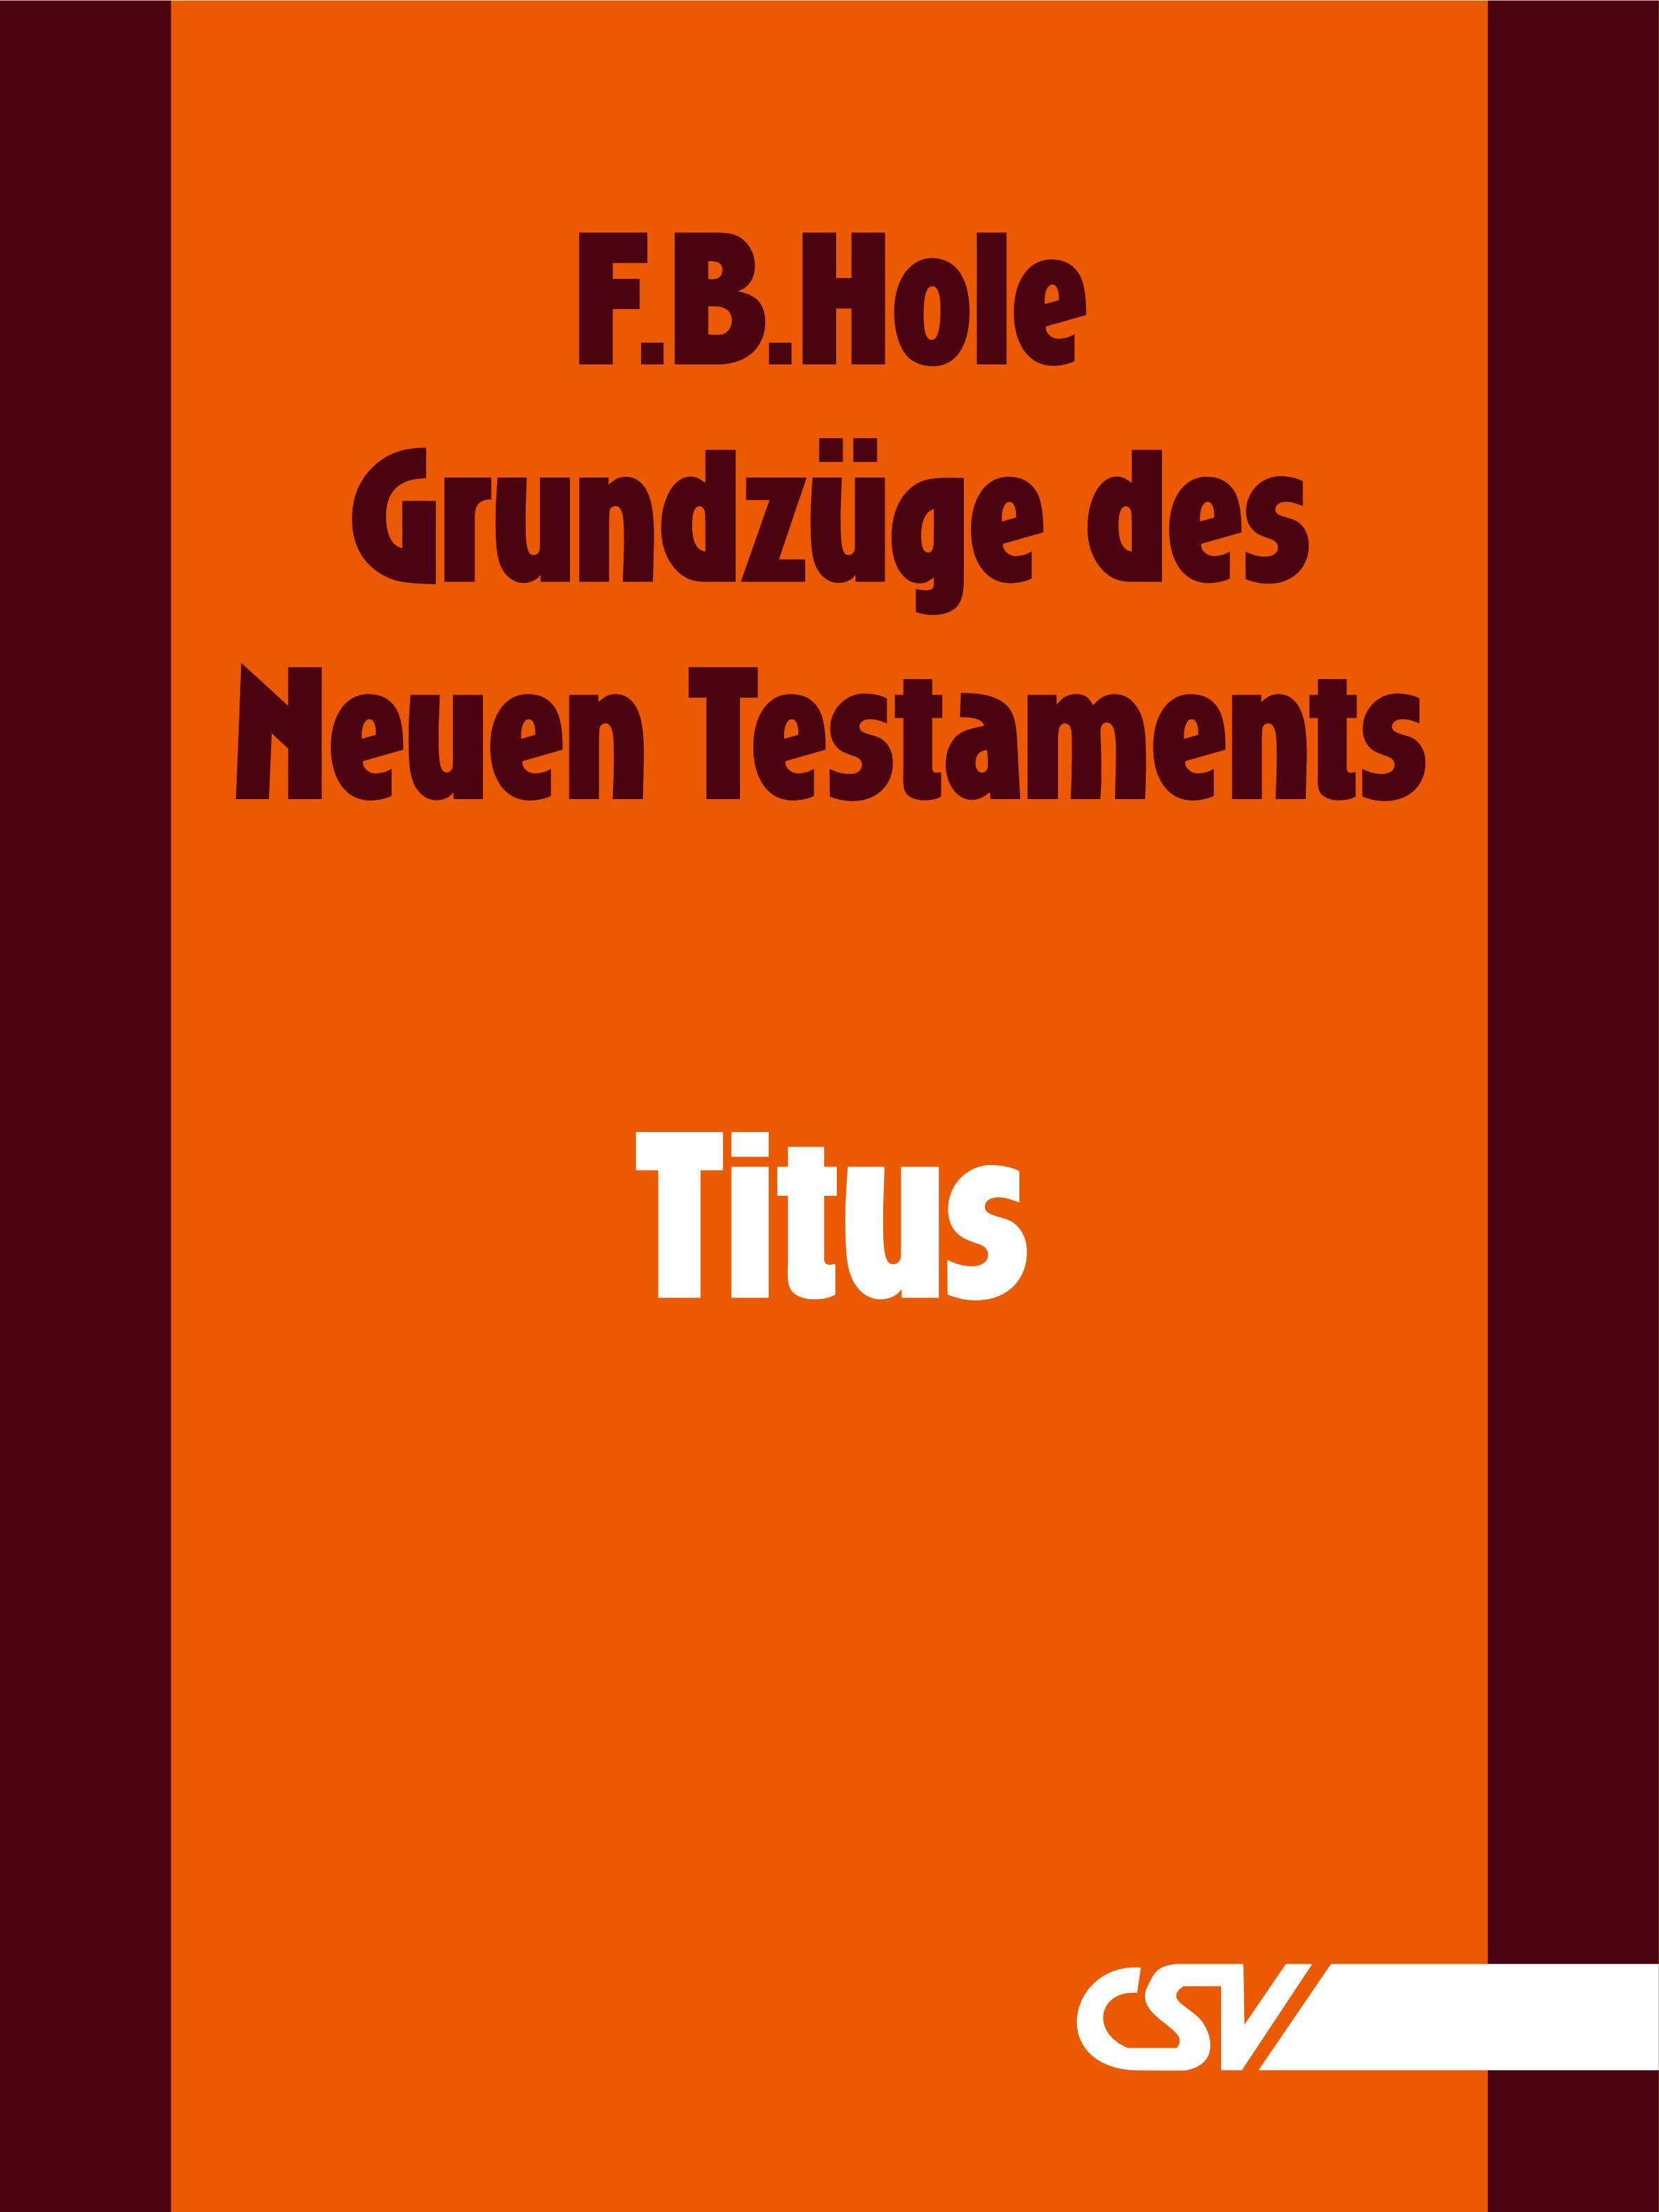 F. B. Hole Grundzüge des Neuen Testaments - Titus f b hole grundzüge des neuen testaments 2 korinther